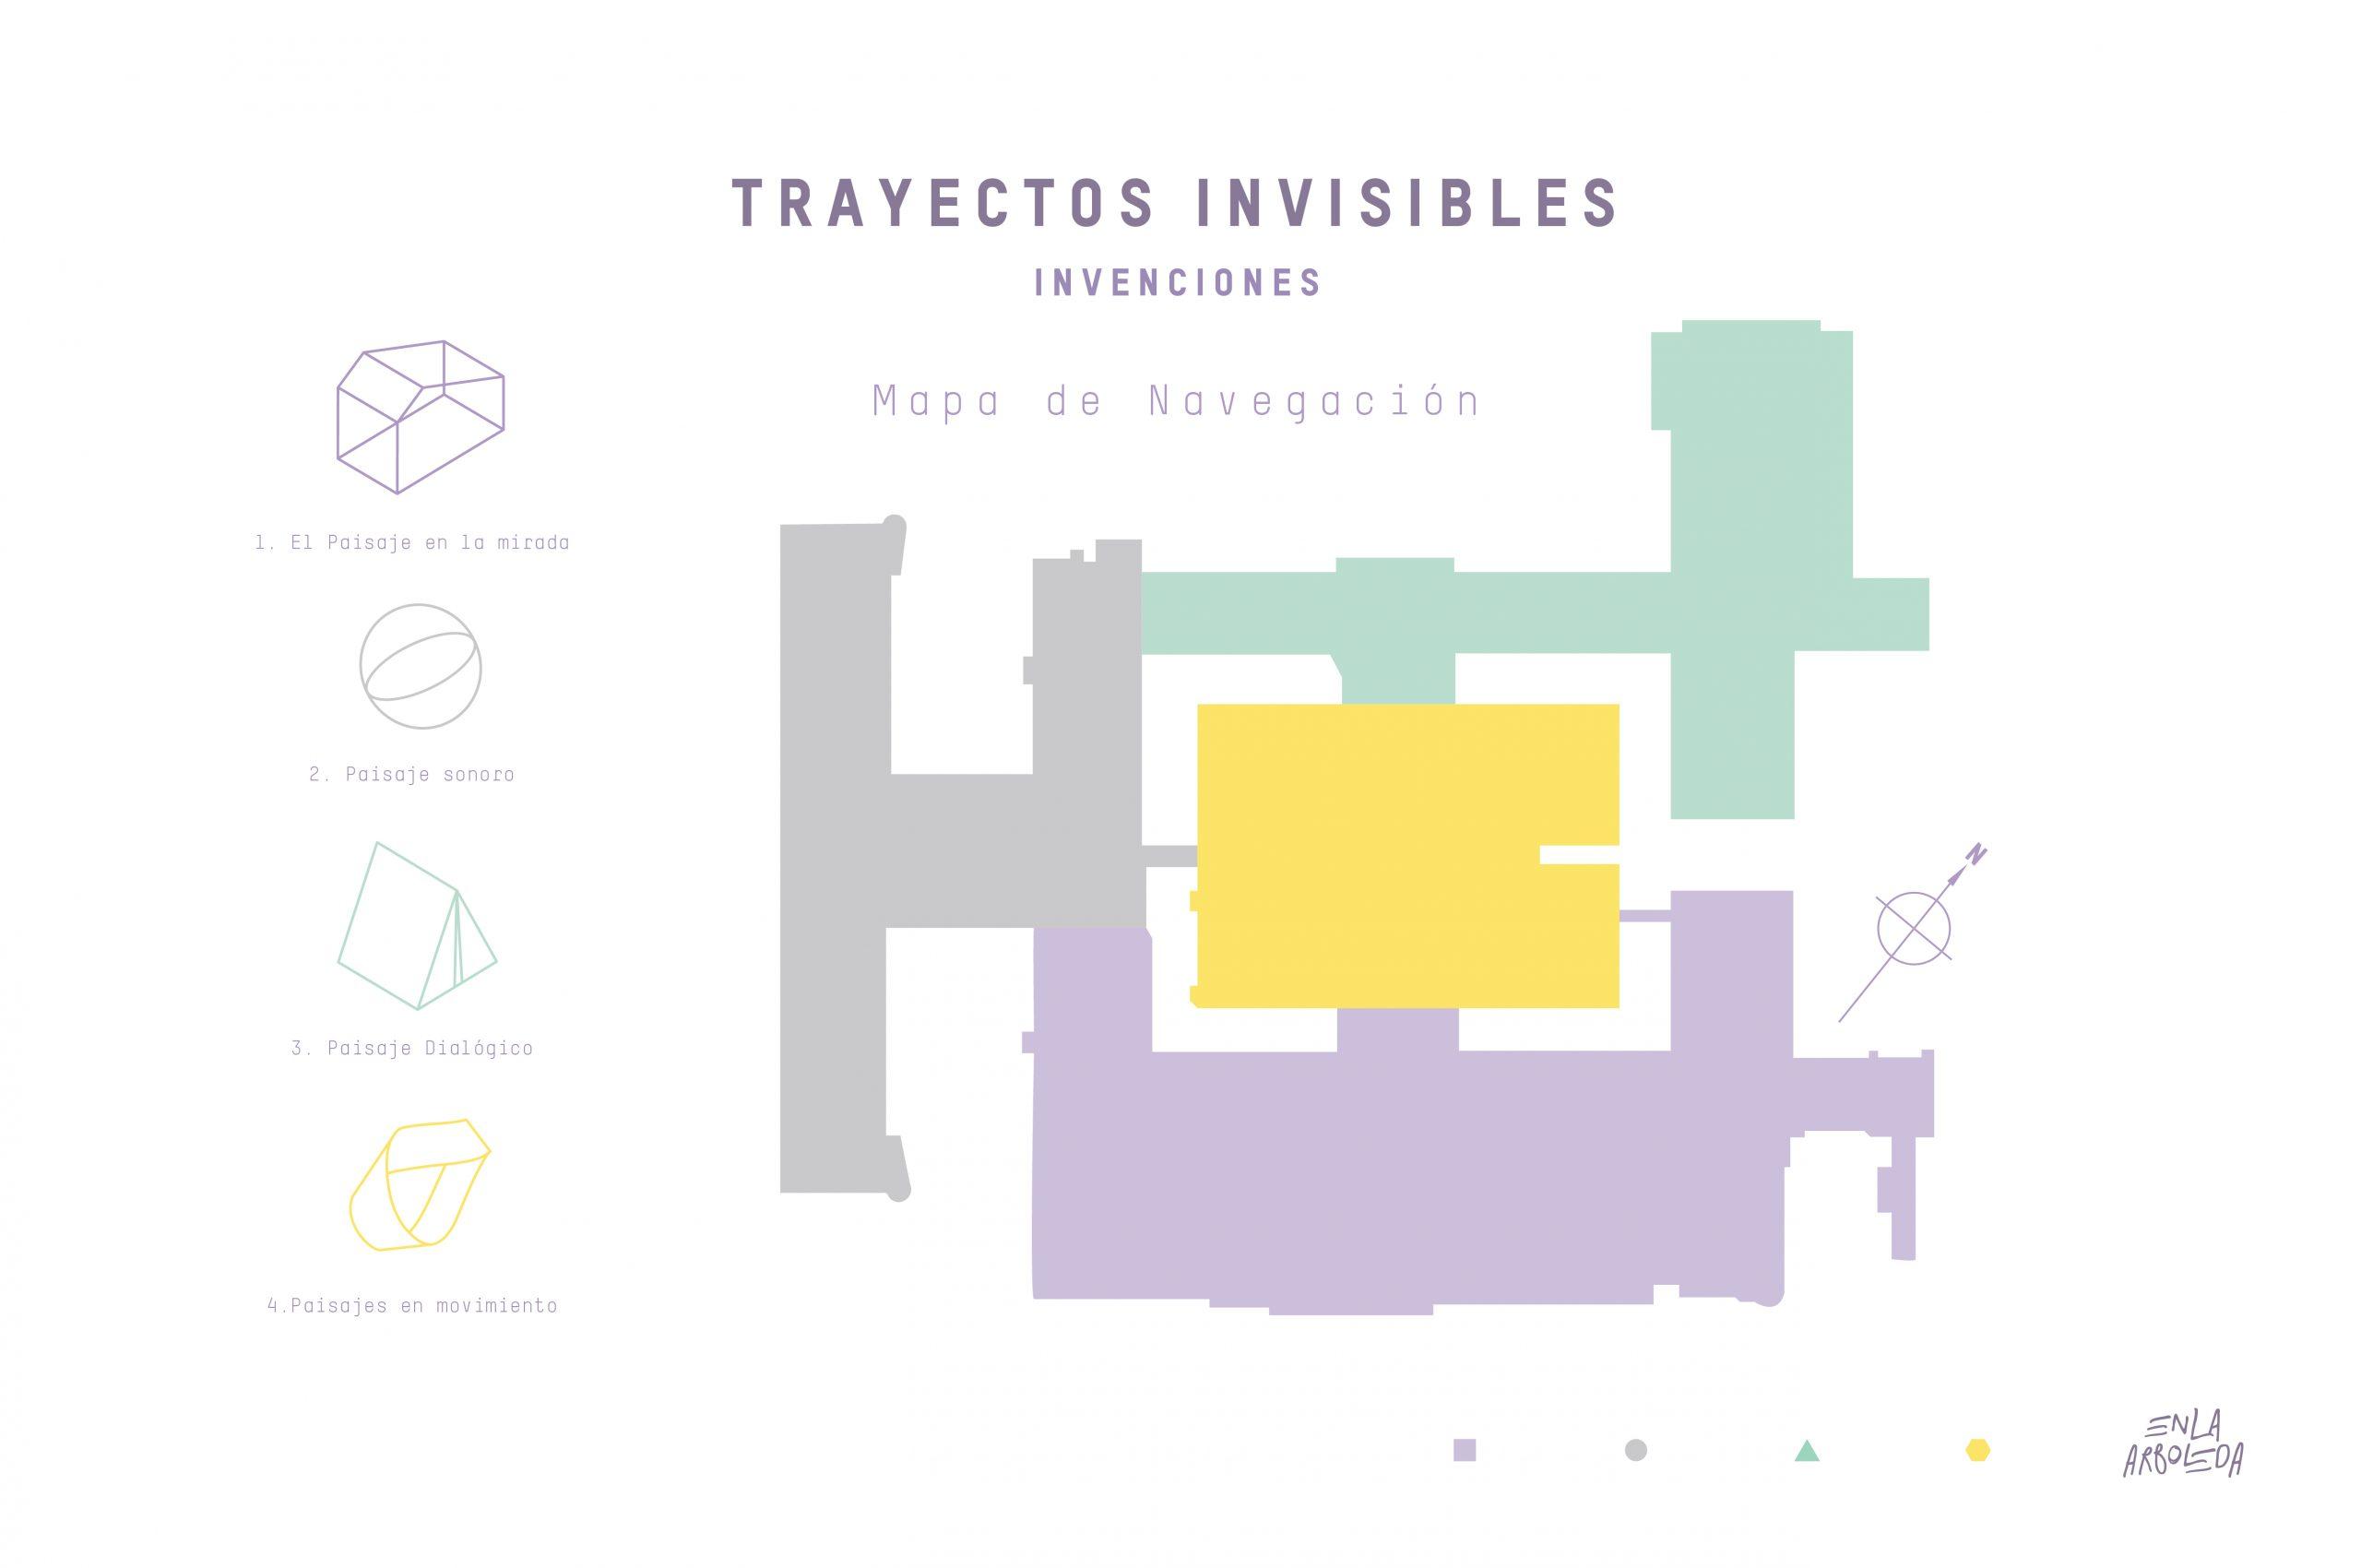 Trayectos Invisibles